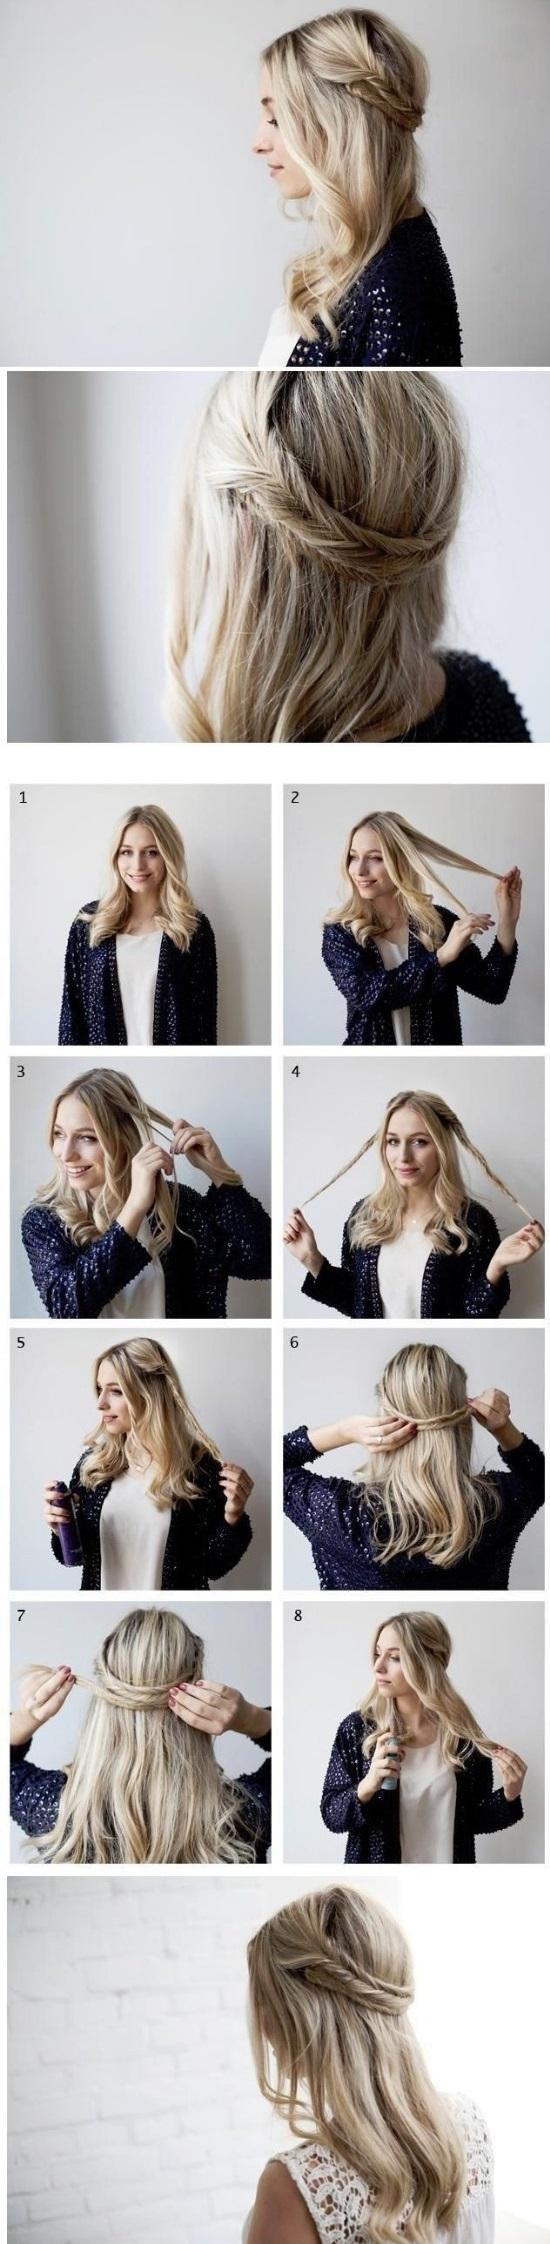 Los peinados más fáciles para usar para ir a la Oficina o trabajo